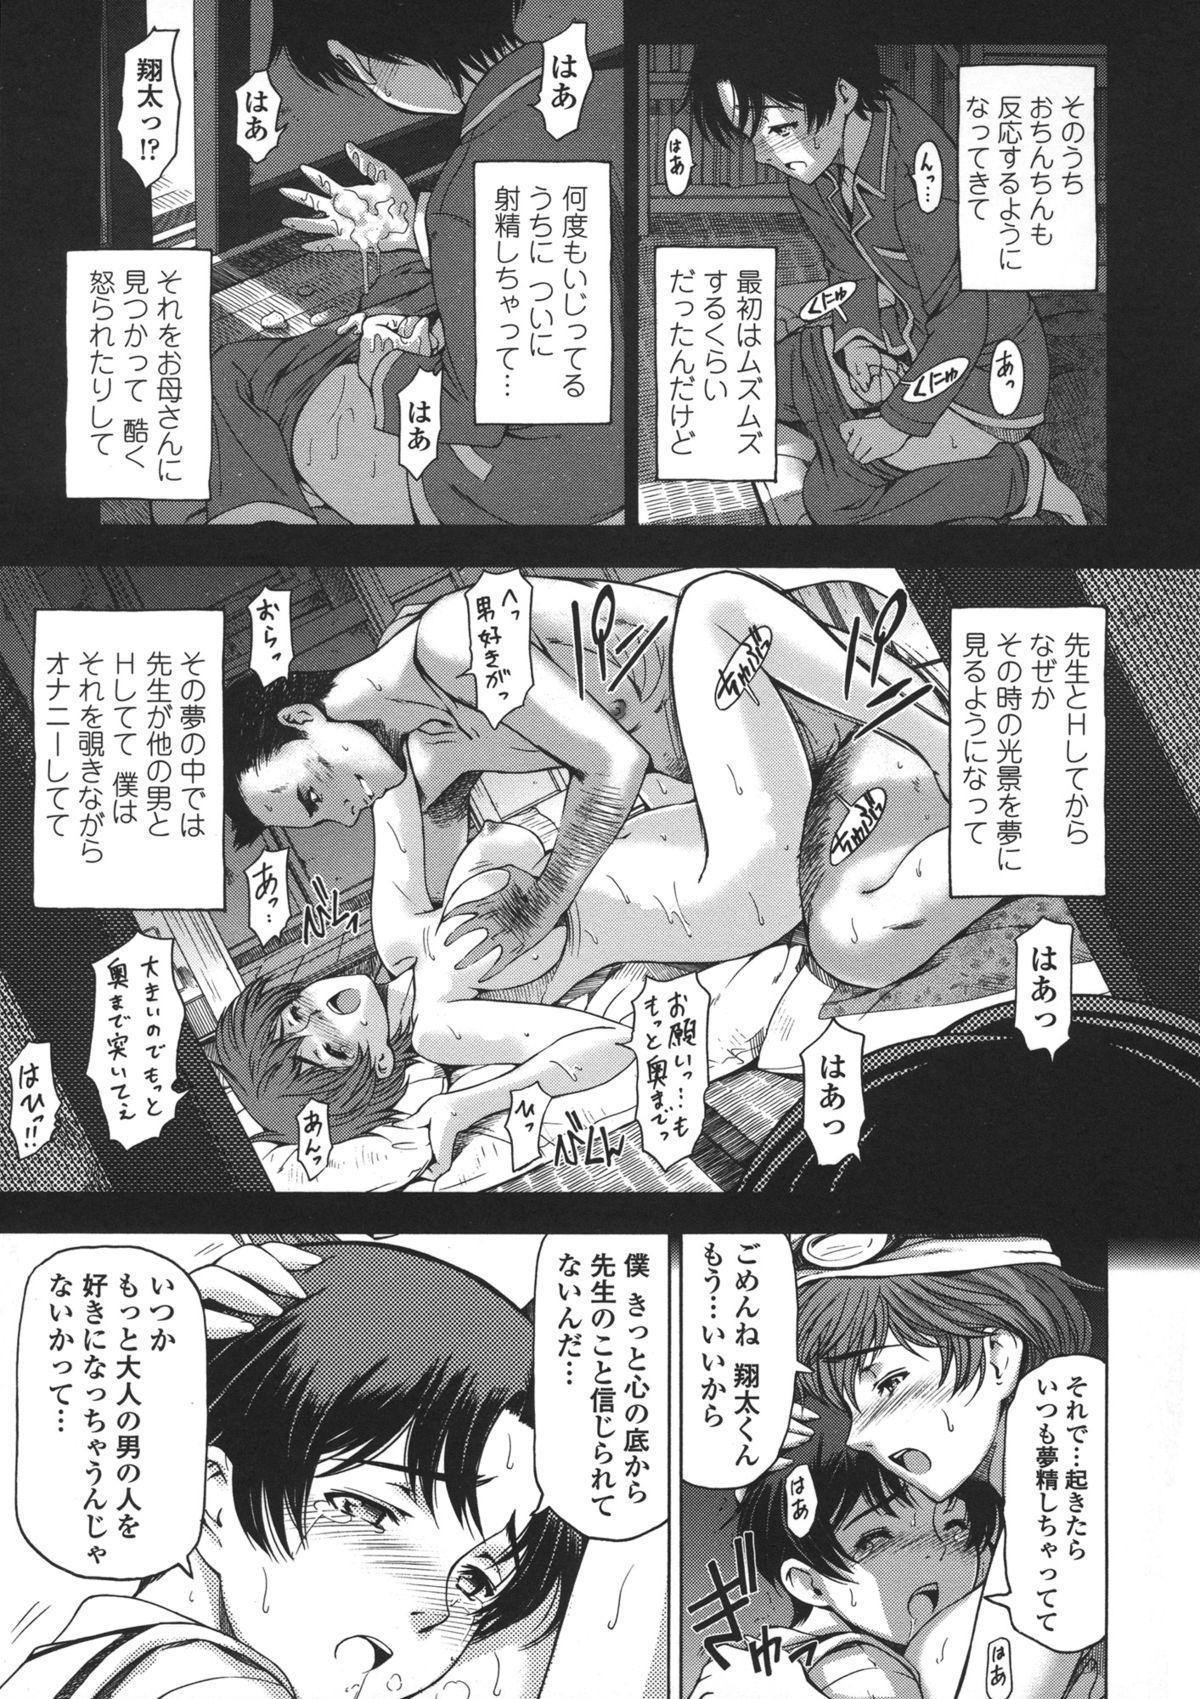 Ane wa Shota o Suki ni Naru 207